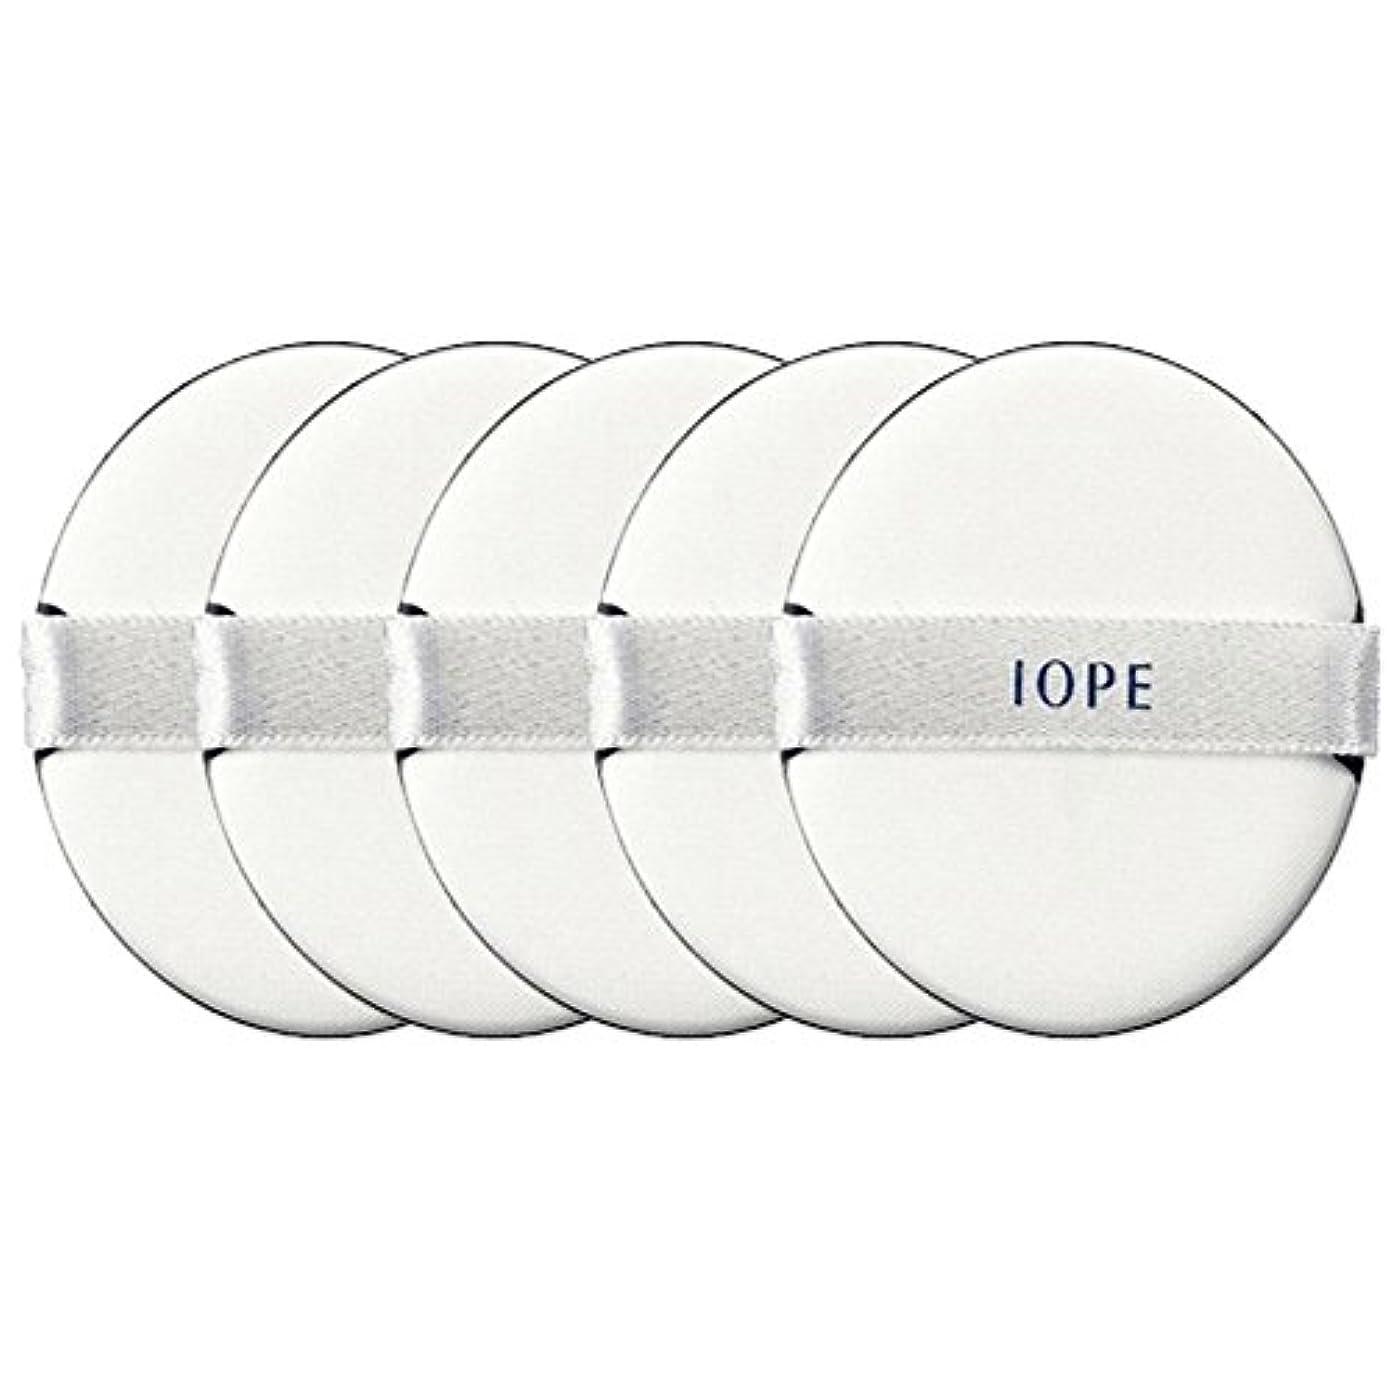 オーバードロー拮抗接尾辞[IOPE] パフ / アイオペエアークッションサンブロック専用のパフ5枚セット [並行輸入品]